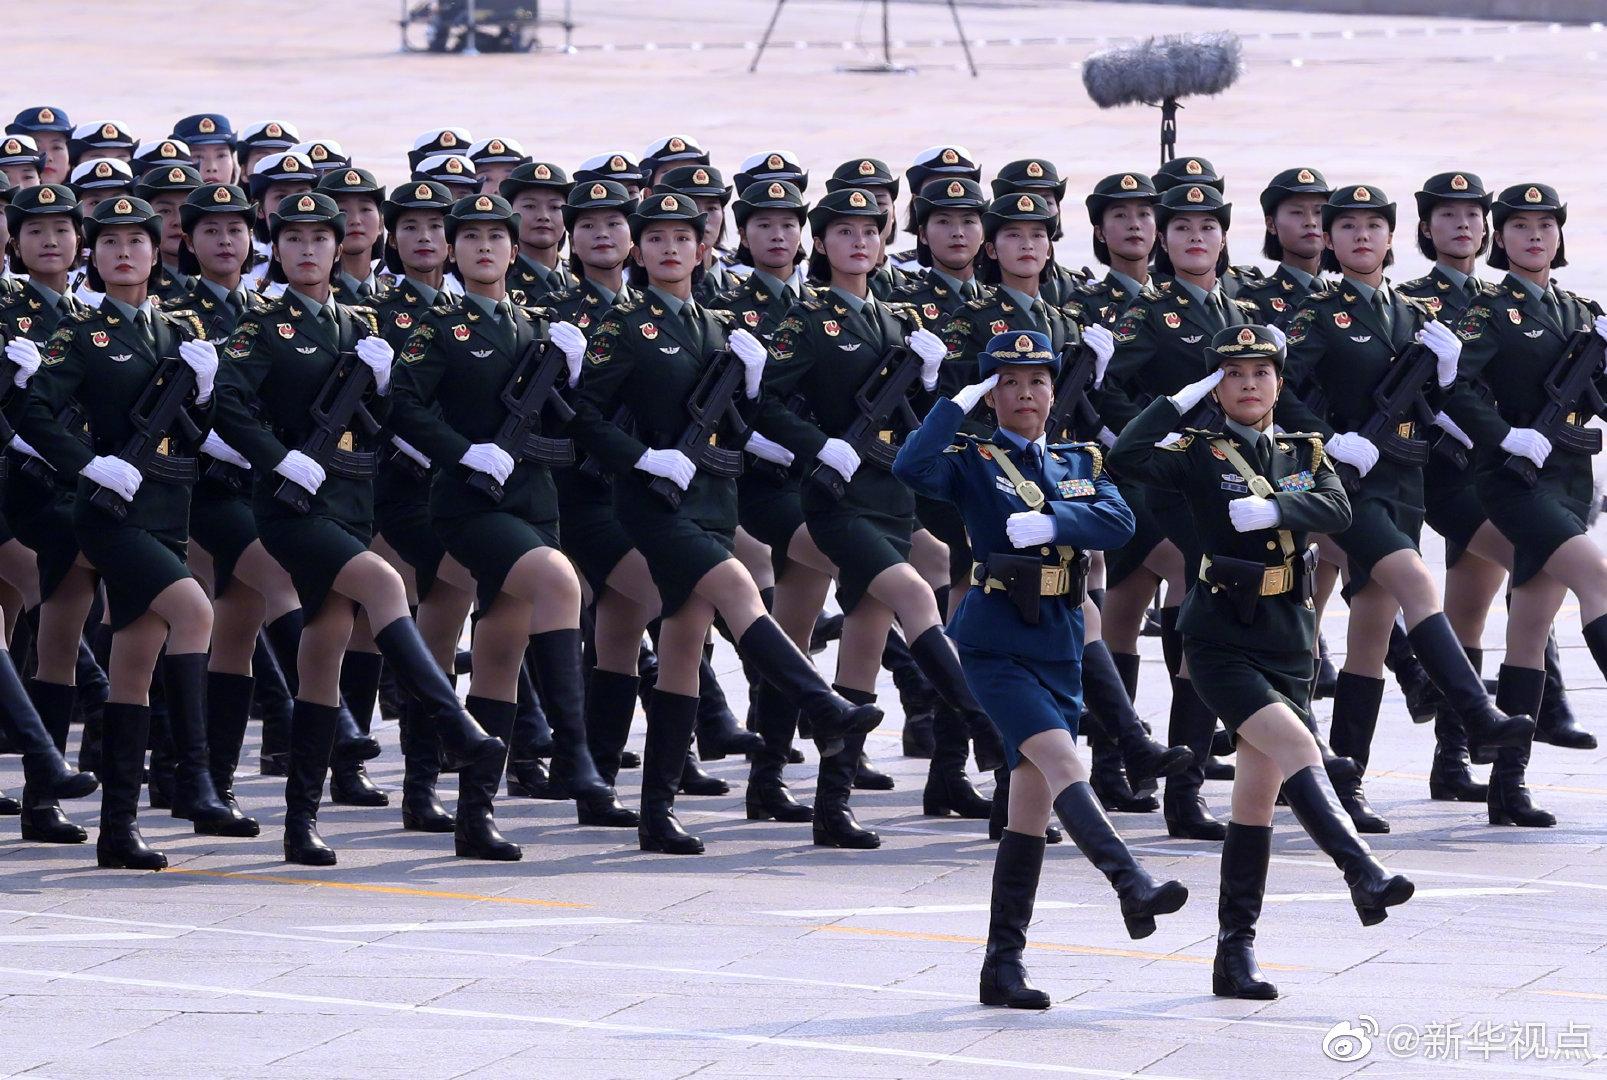 哈尔滨政协主席落马 会不会带起一波新节奏?